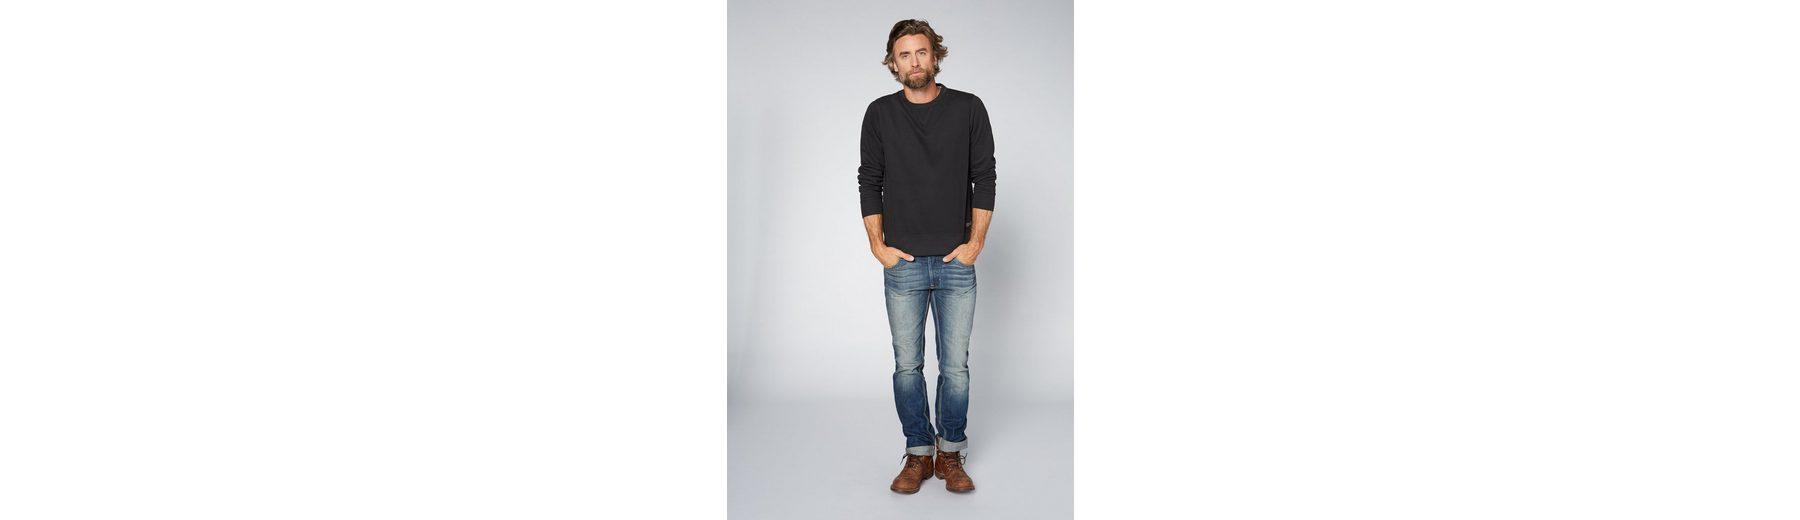 COLORADO DENIM Sweatshirt Richard Original-Verkauf Neuester Rabatt Billig Verkauf Shop Selbst kcHkv2yYsy